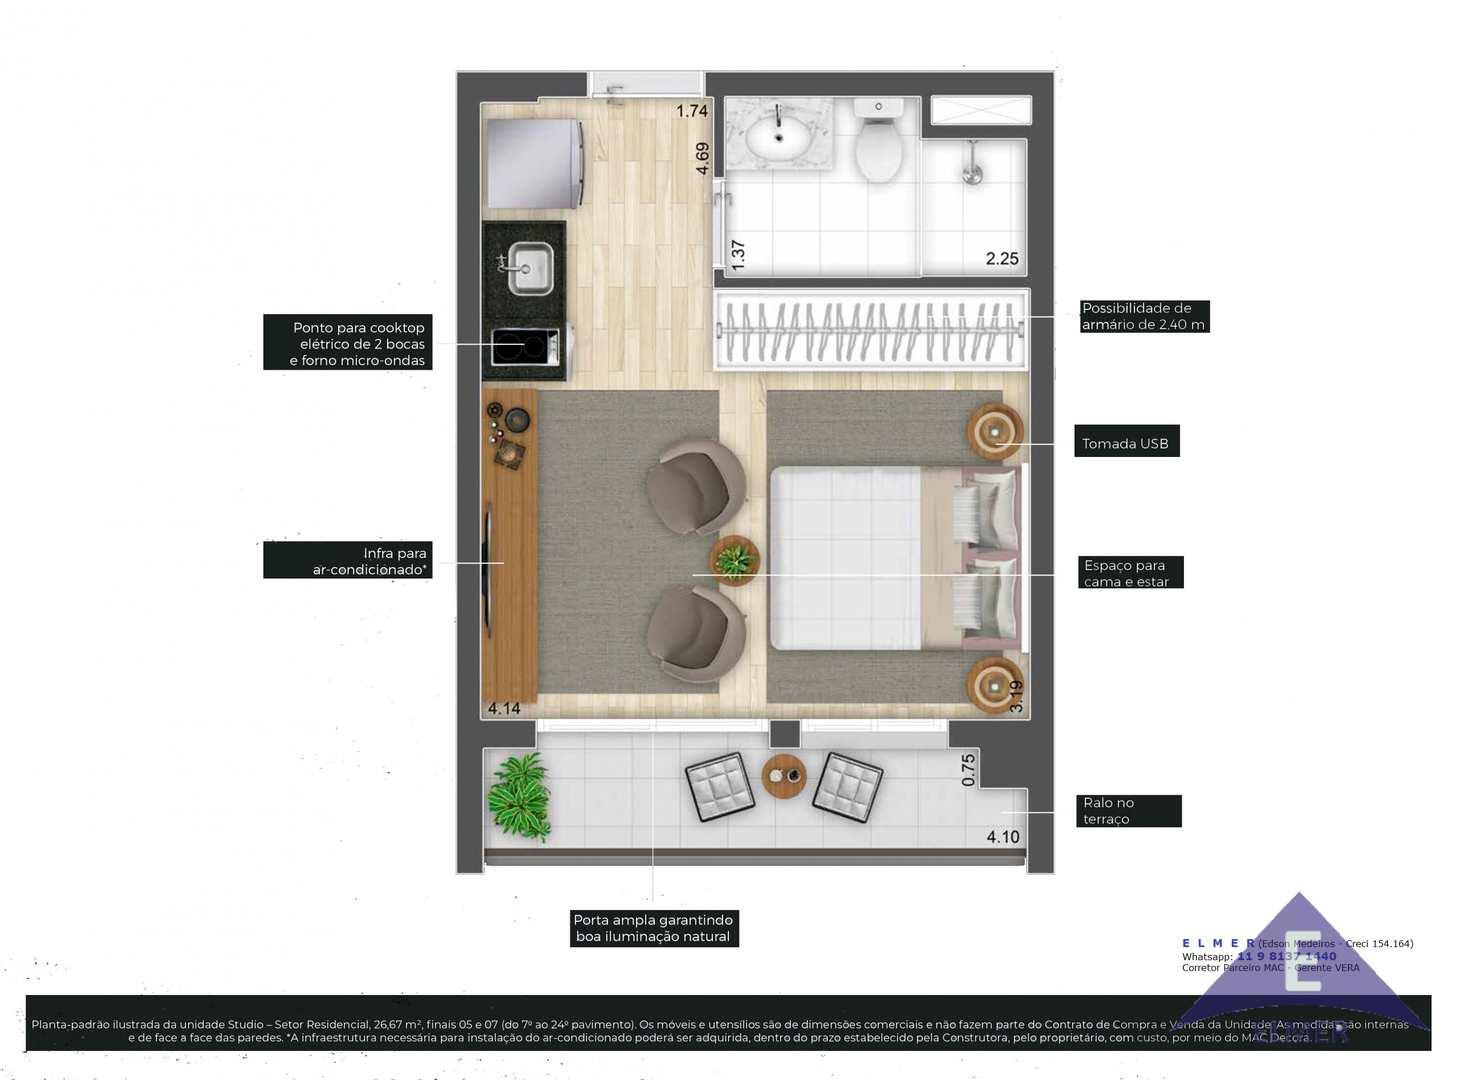 Planta Studios 26 m² -IS CONSOLAÇÃO - ELMER